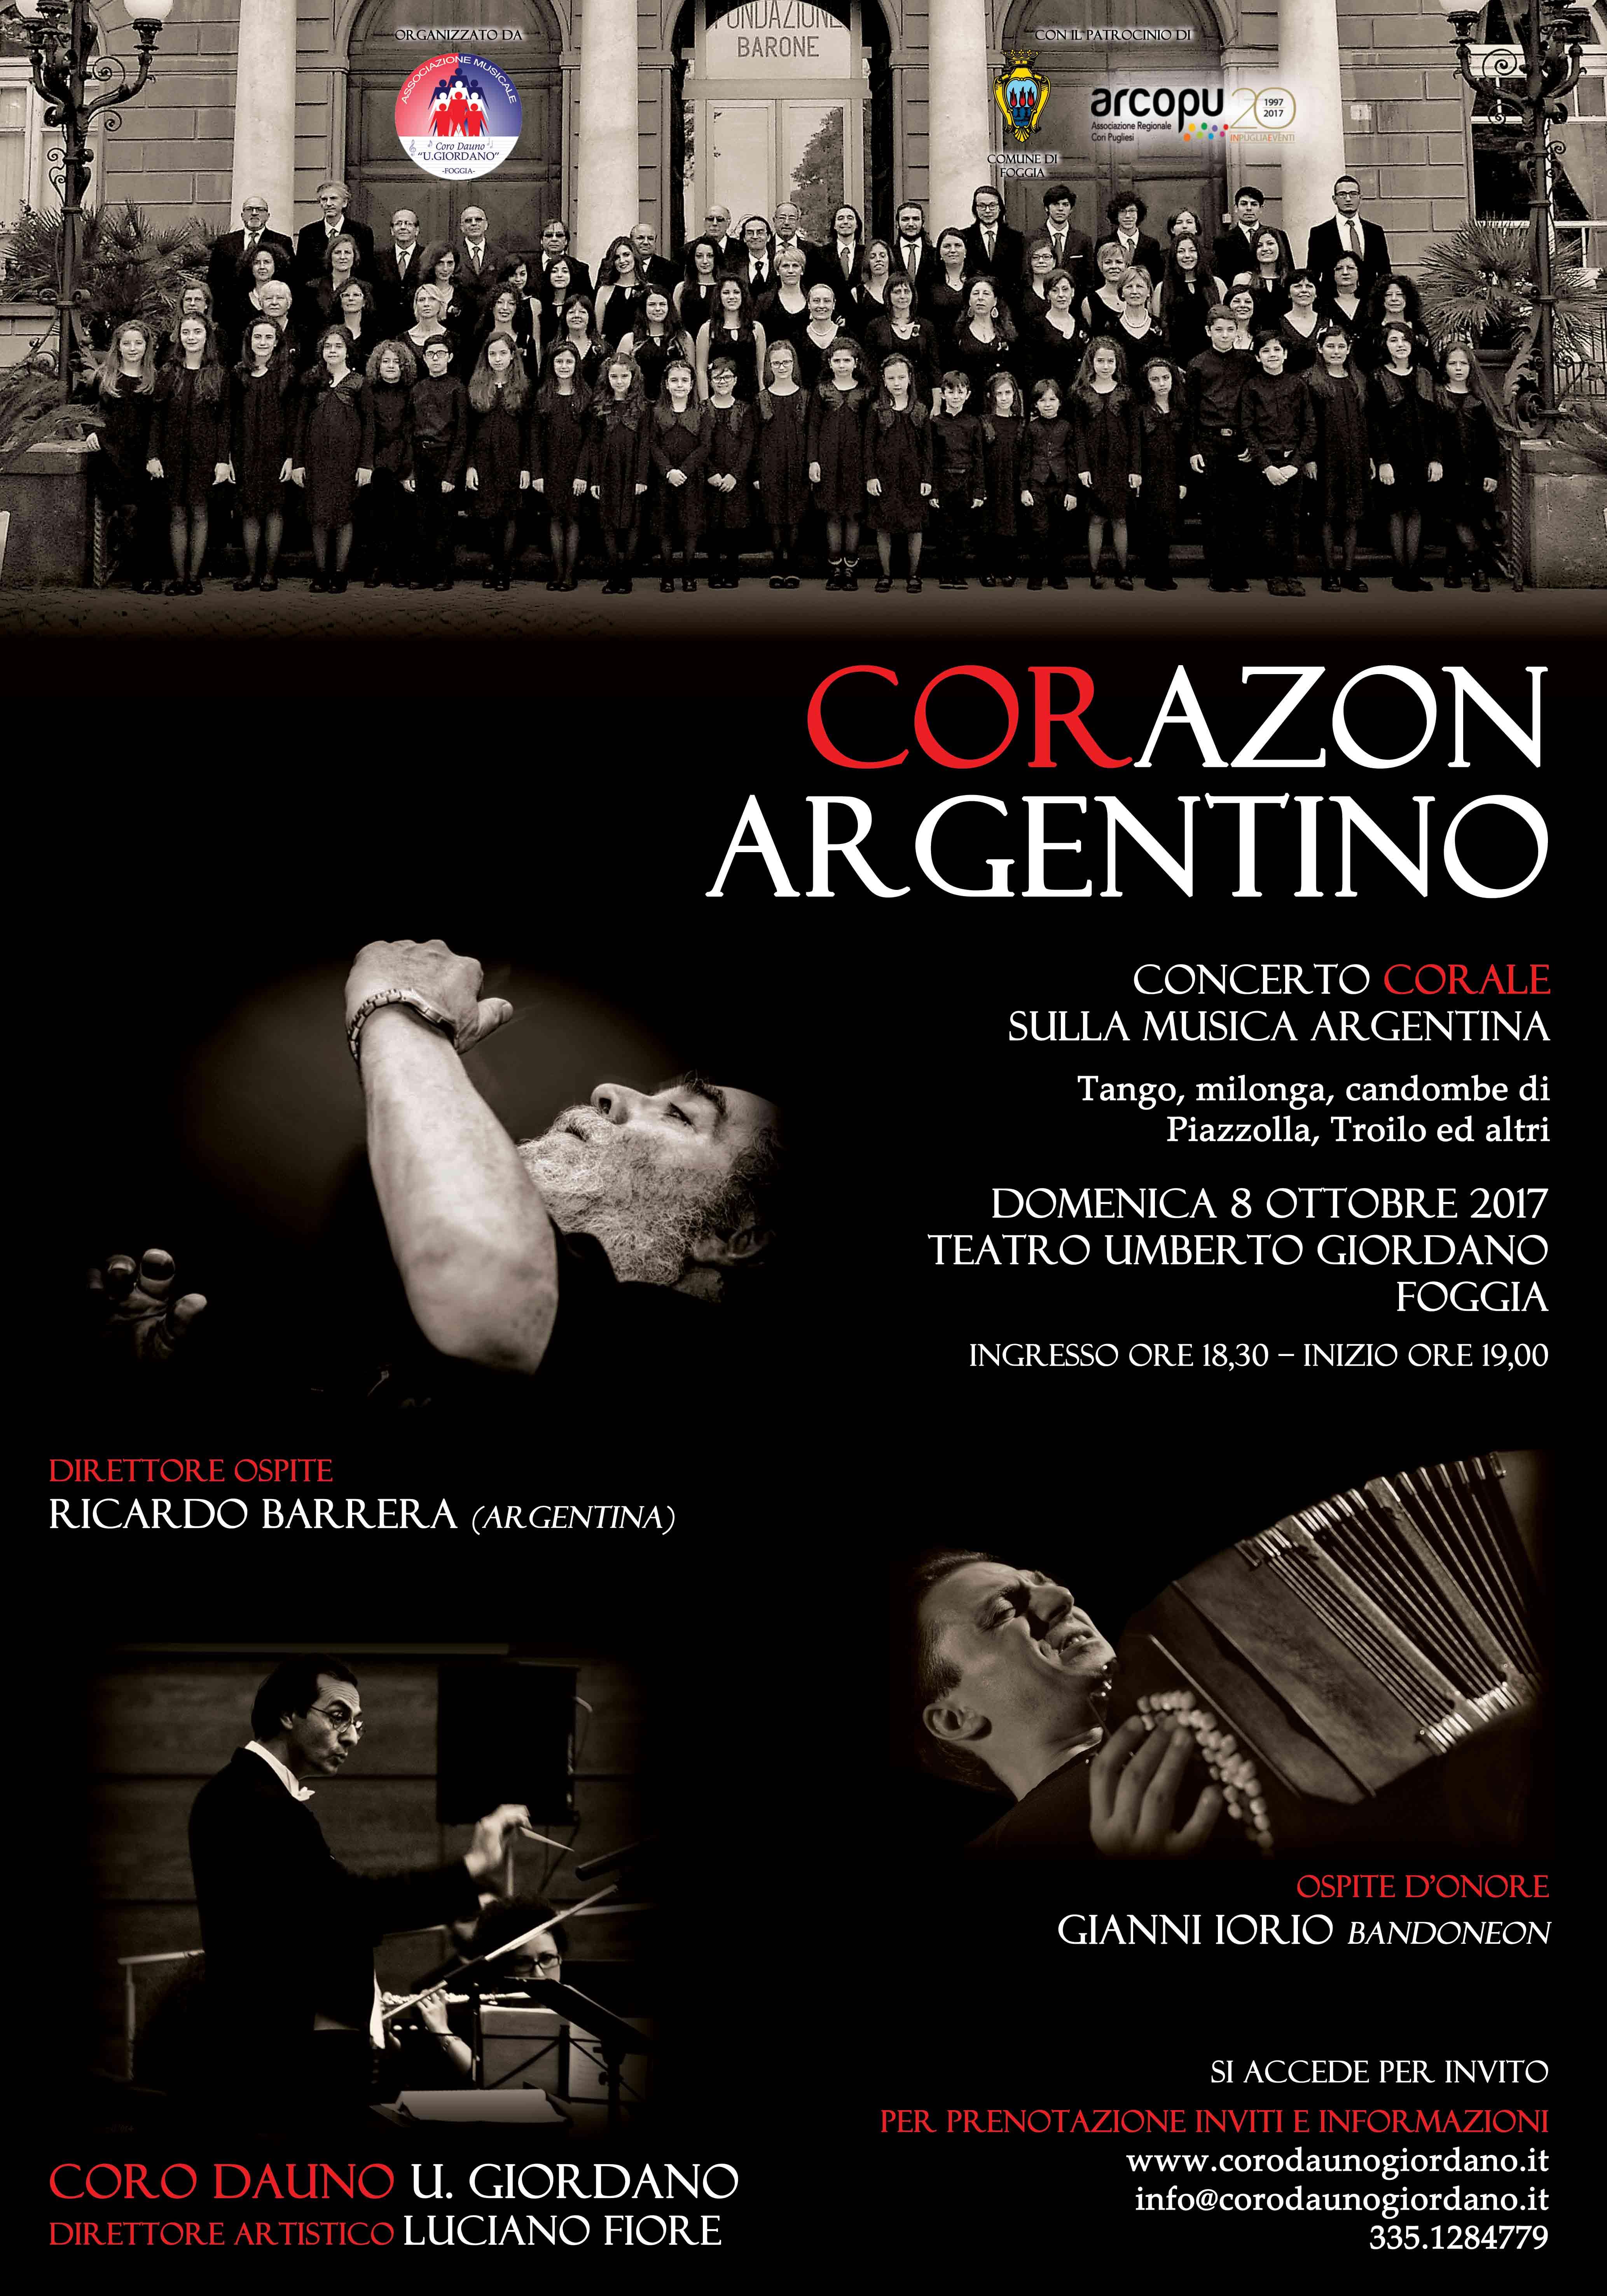 CORAZON ARGENTINO